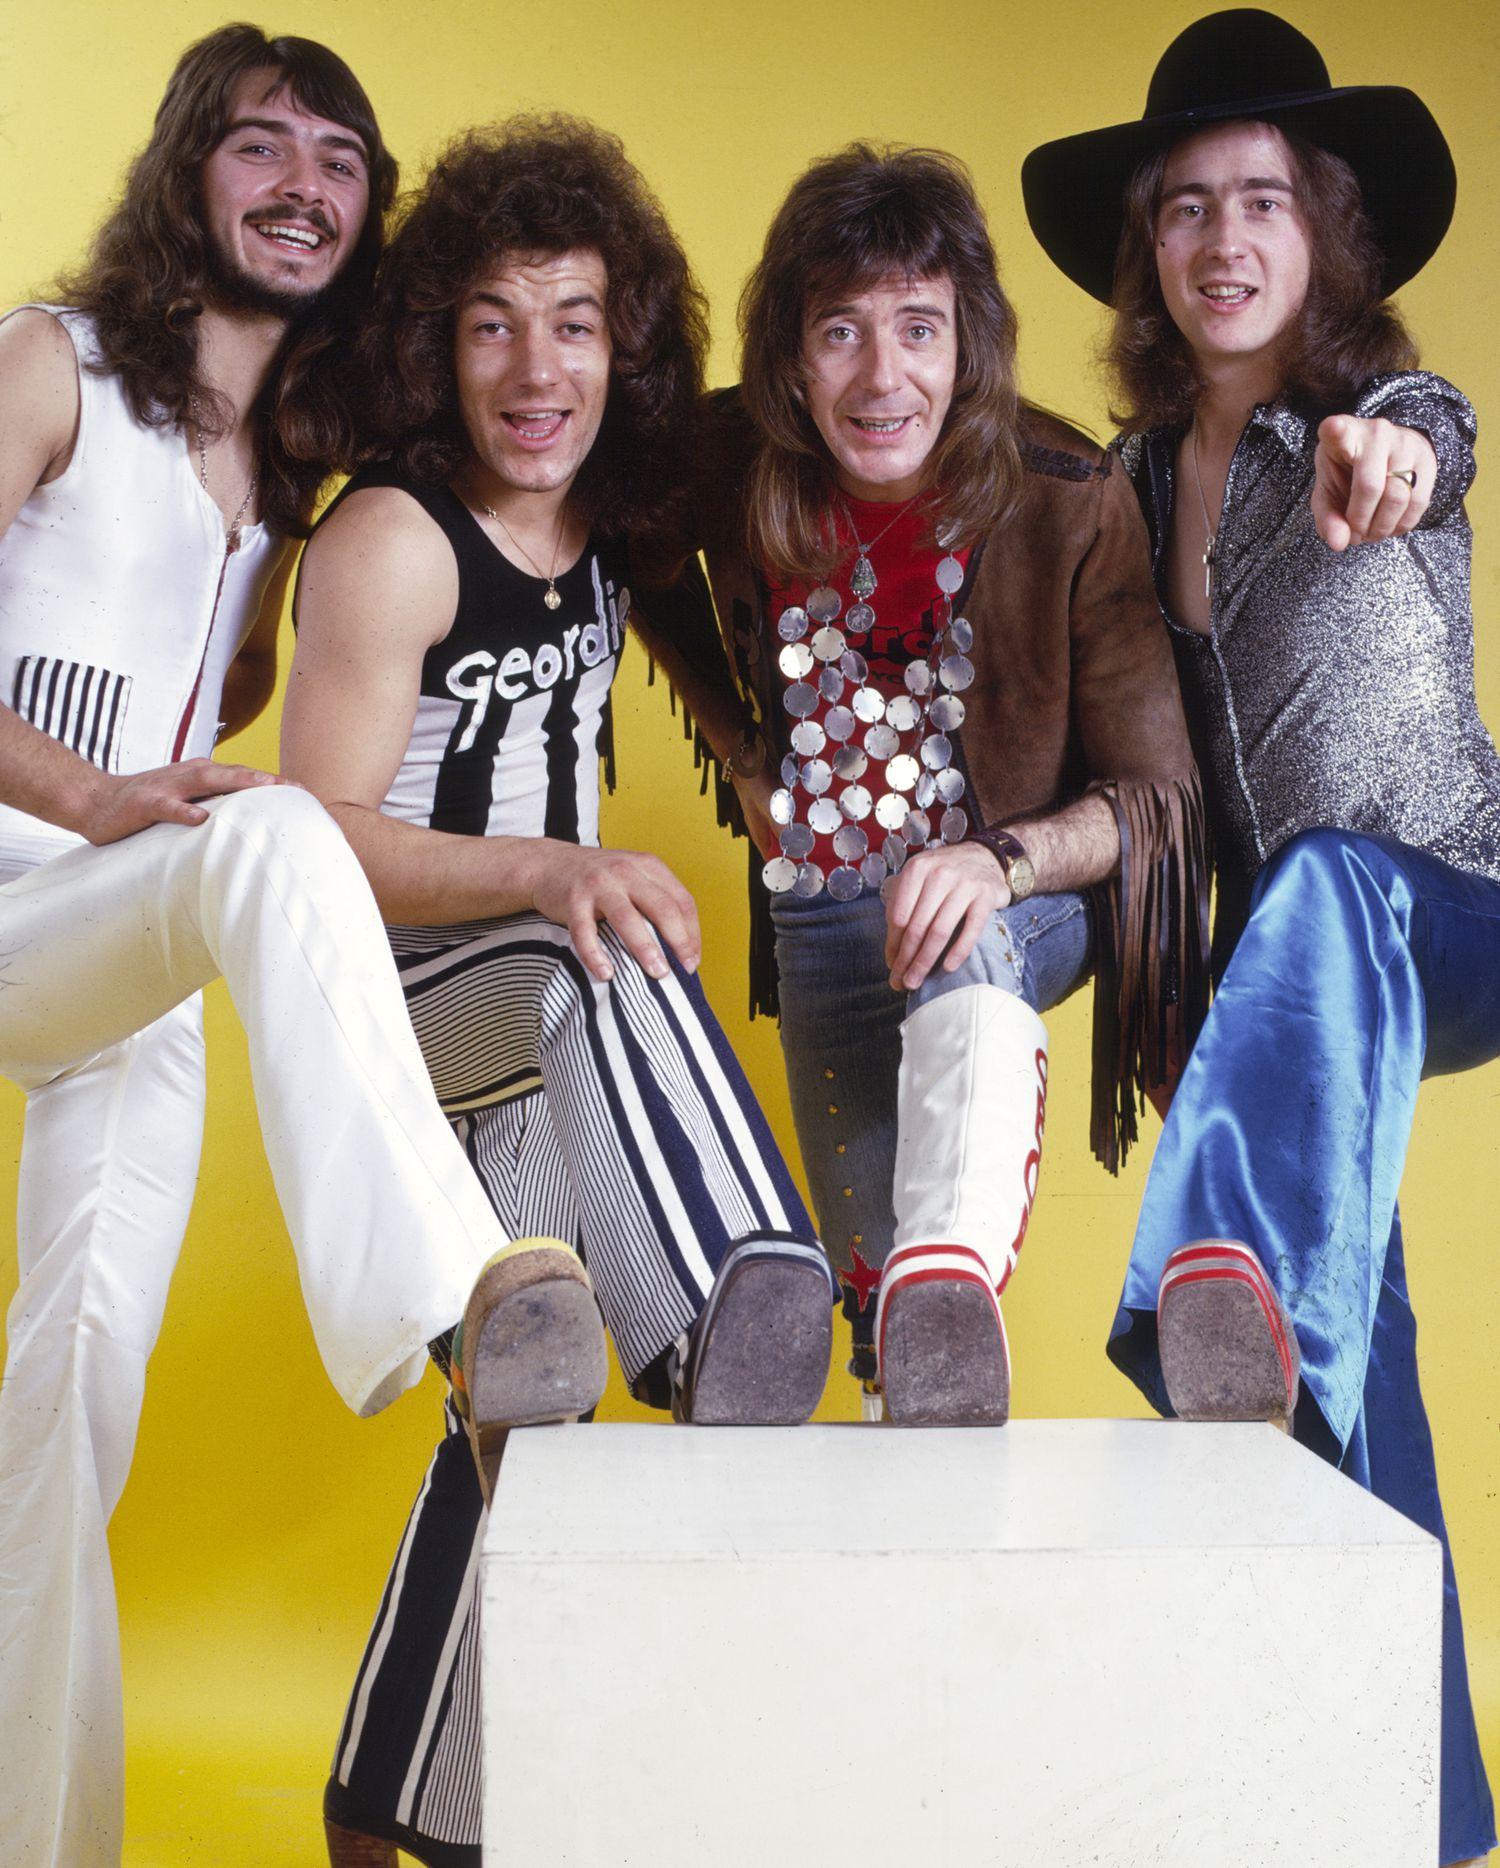 Brian Johnson (segundo por la izquierda) con Geordie 1974.